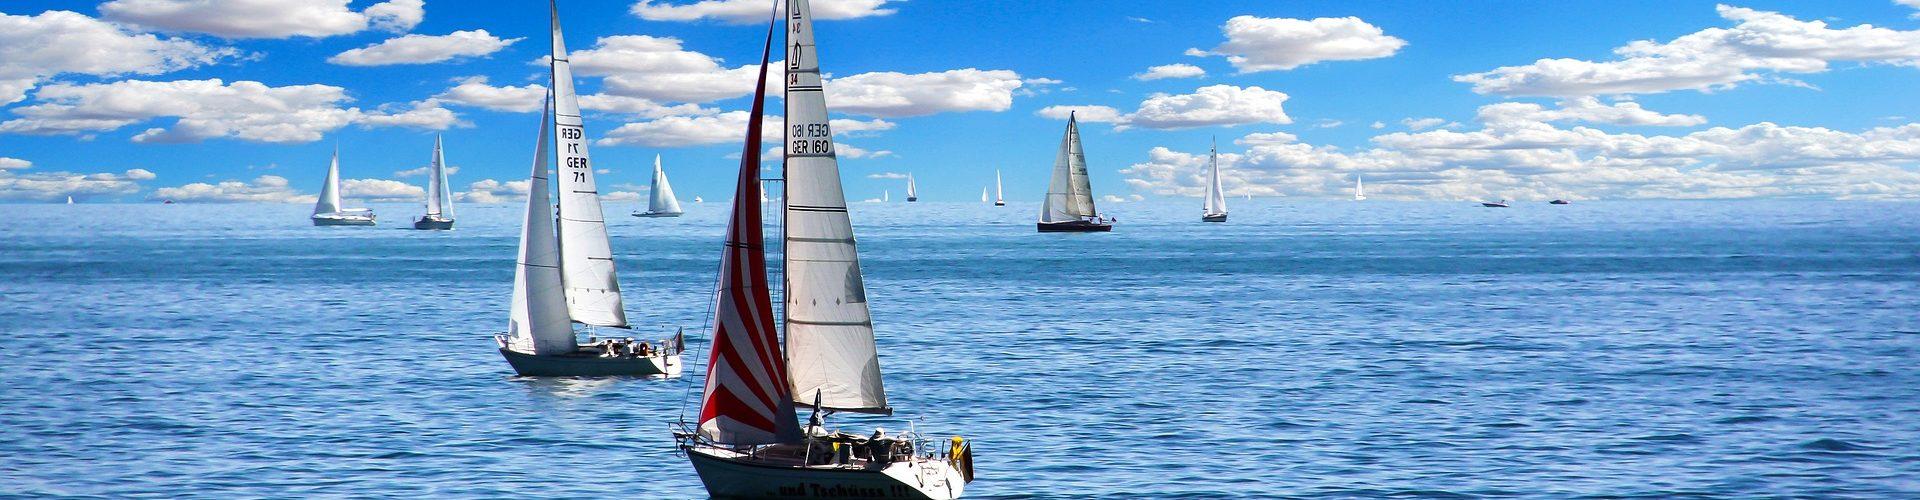 segeln lernen in Delitzsch segelschein machen in Delitzsch 1920x500 - Segeln lernen in Delitzsch